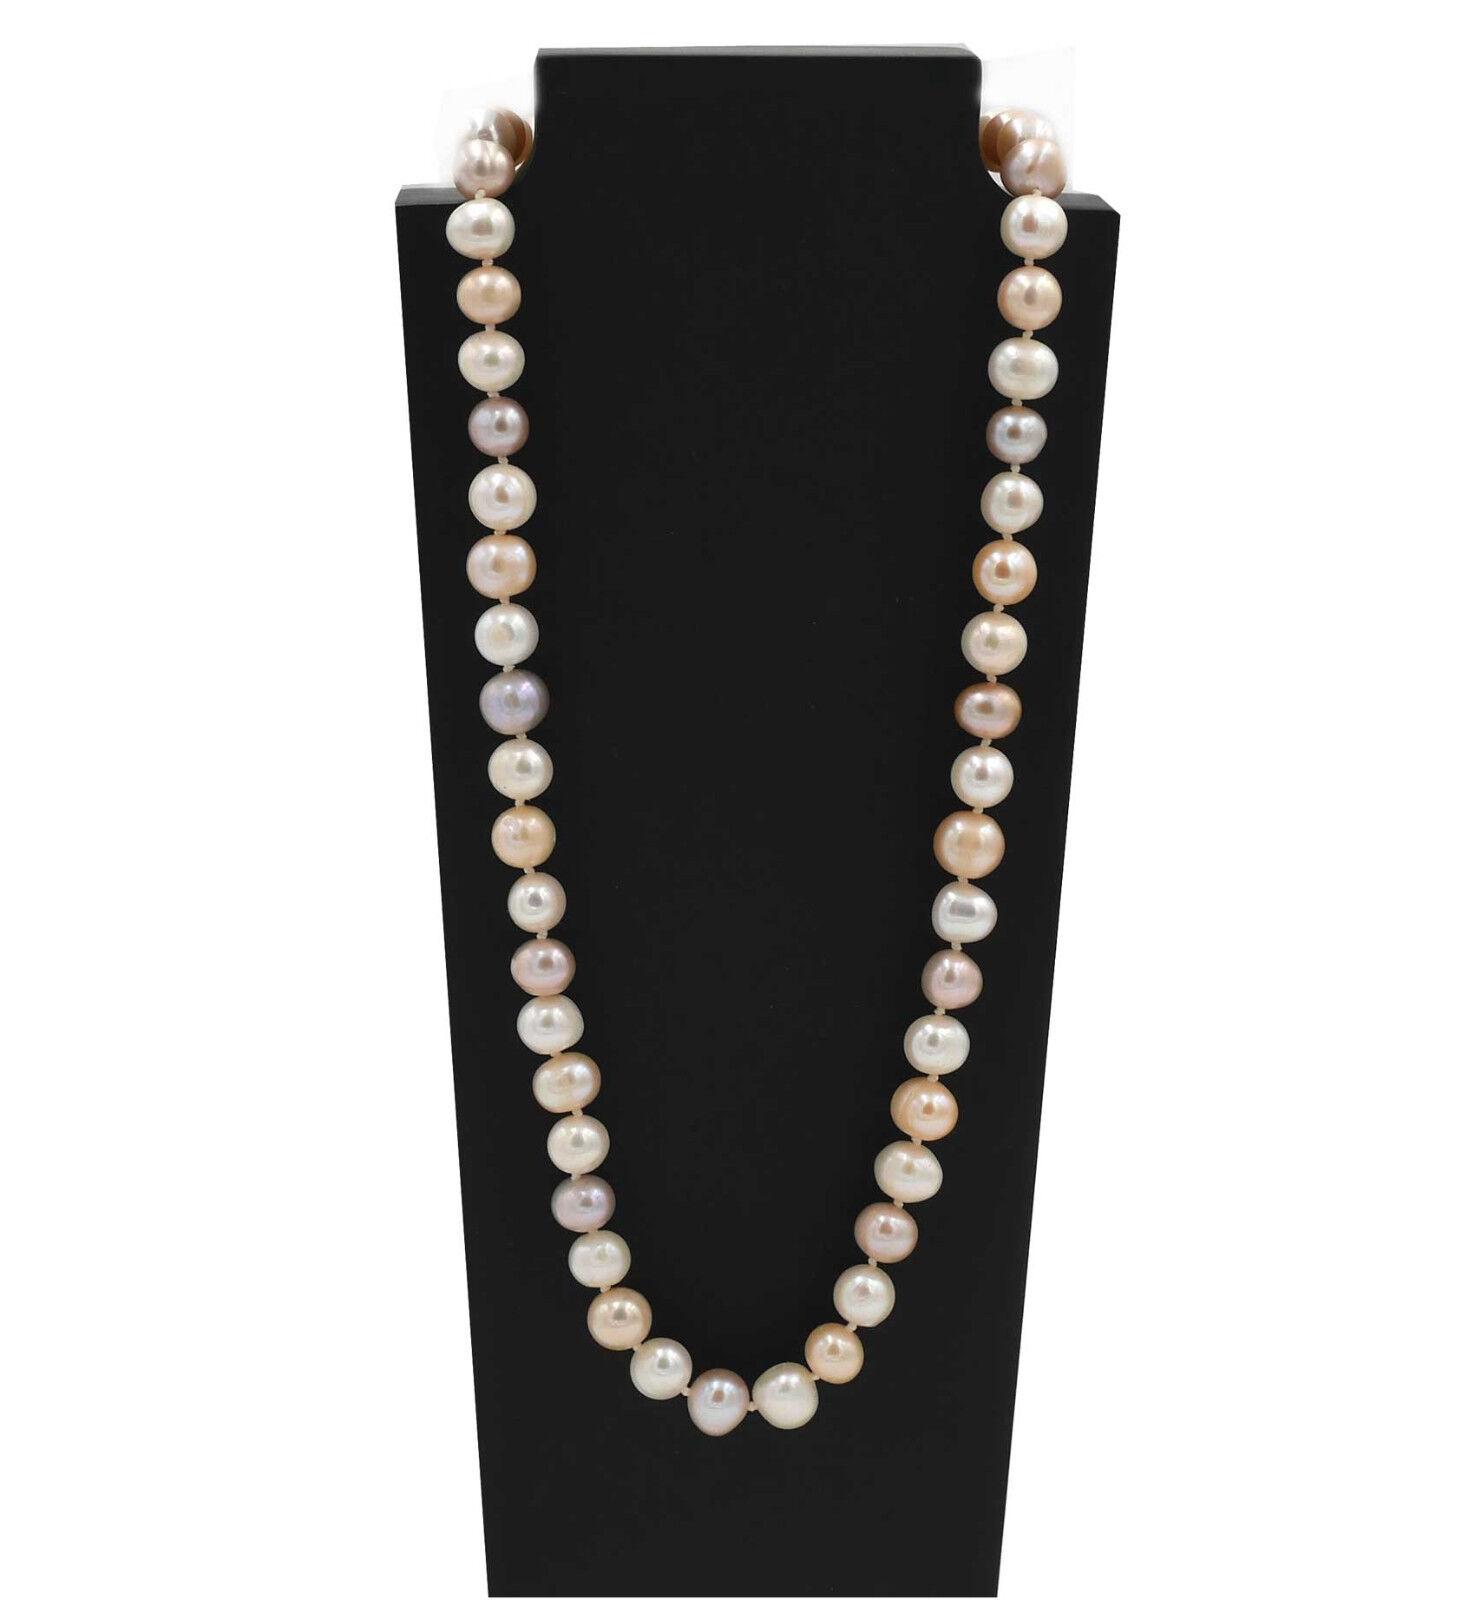 Perle Allevamento Catena Colore 9-10 mm PERLE ANNODATE ANNODATE ANNODATE Sterling argentoo 925 gioielli da sposa b71474